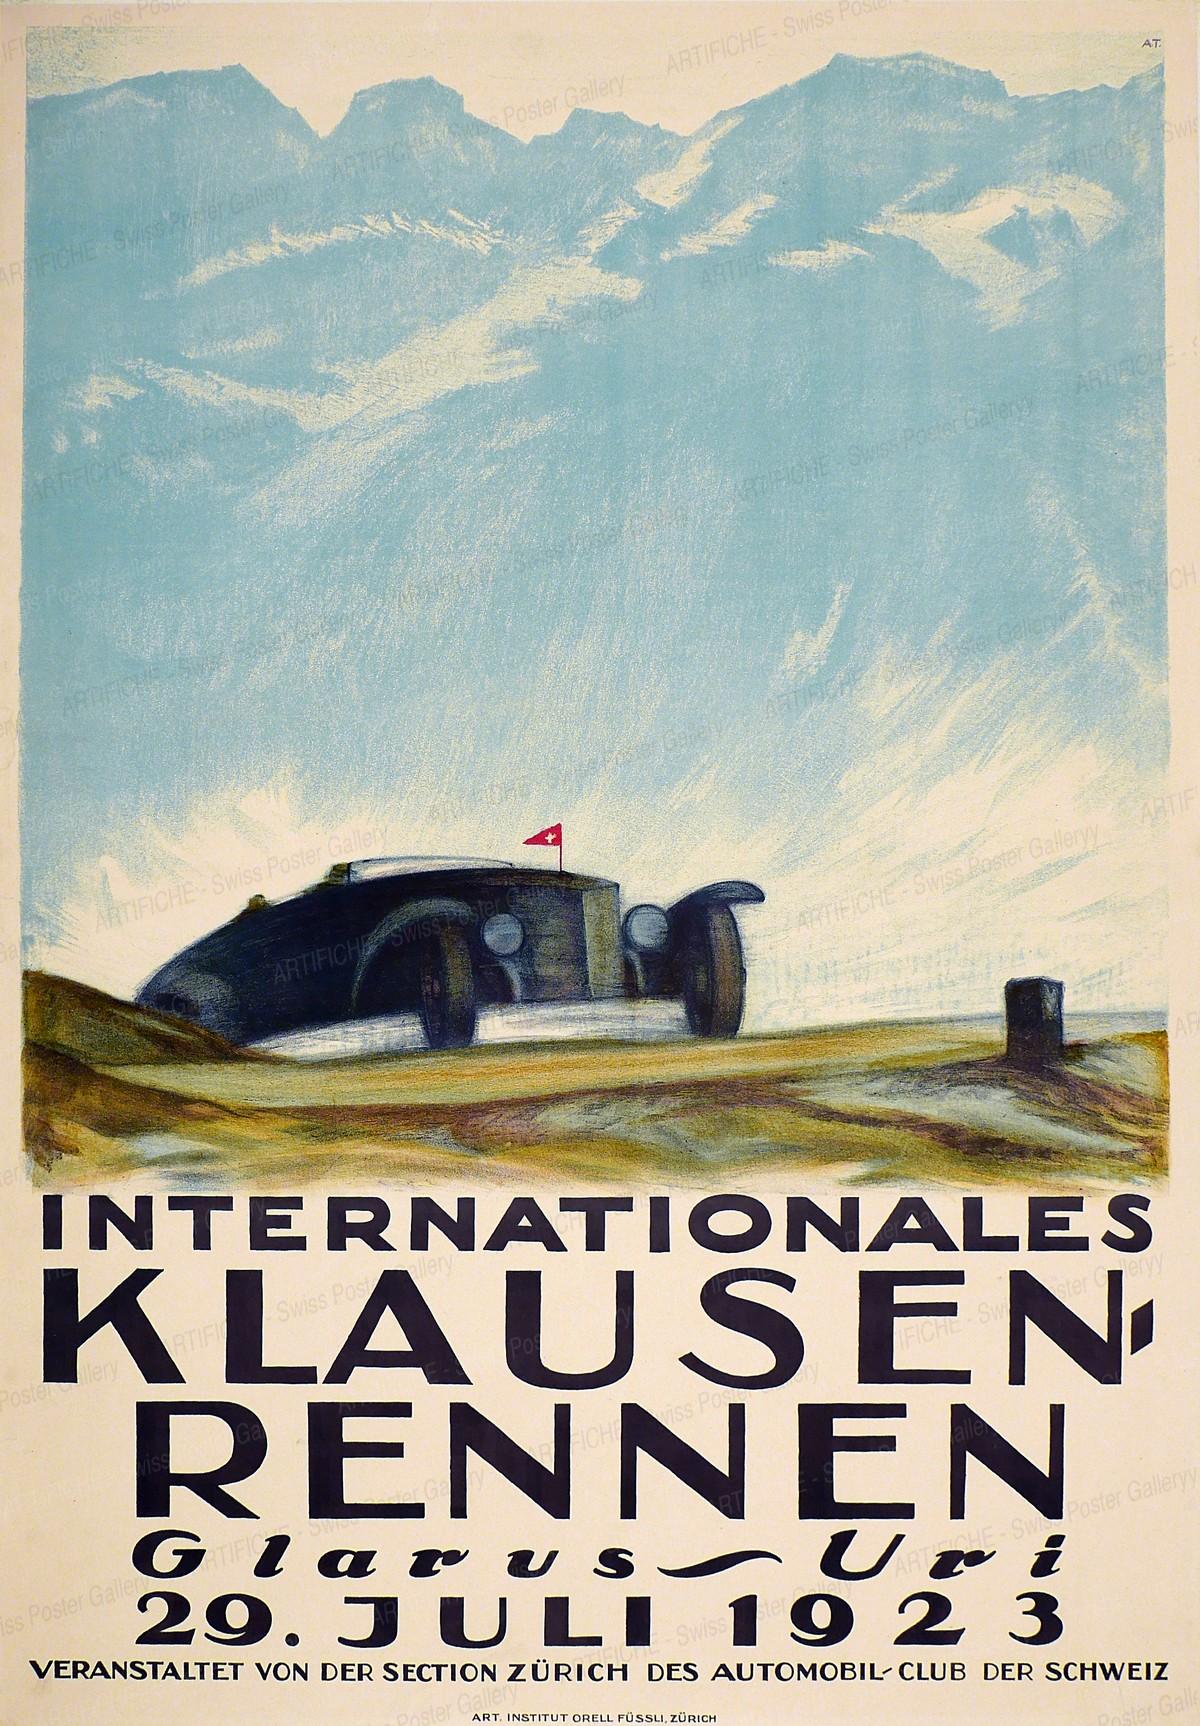 Internationales Klausen-Rennen – Glarus-Uri – 29. Juli 1923 – veranstaltet von der Section Zürich des Automobil-Club der Schweiz, Anton Trieb